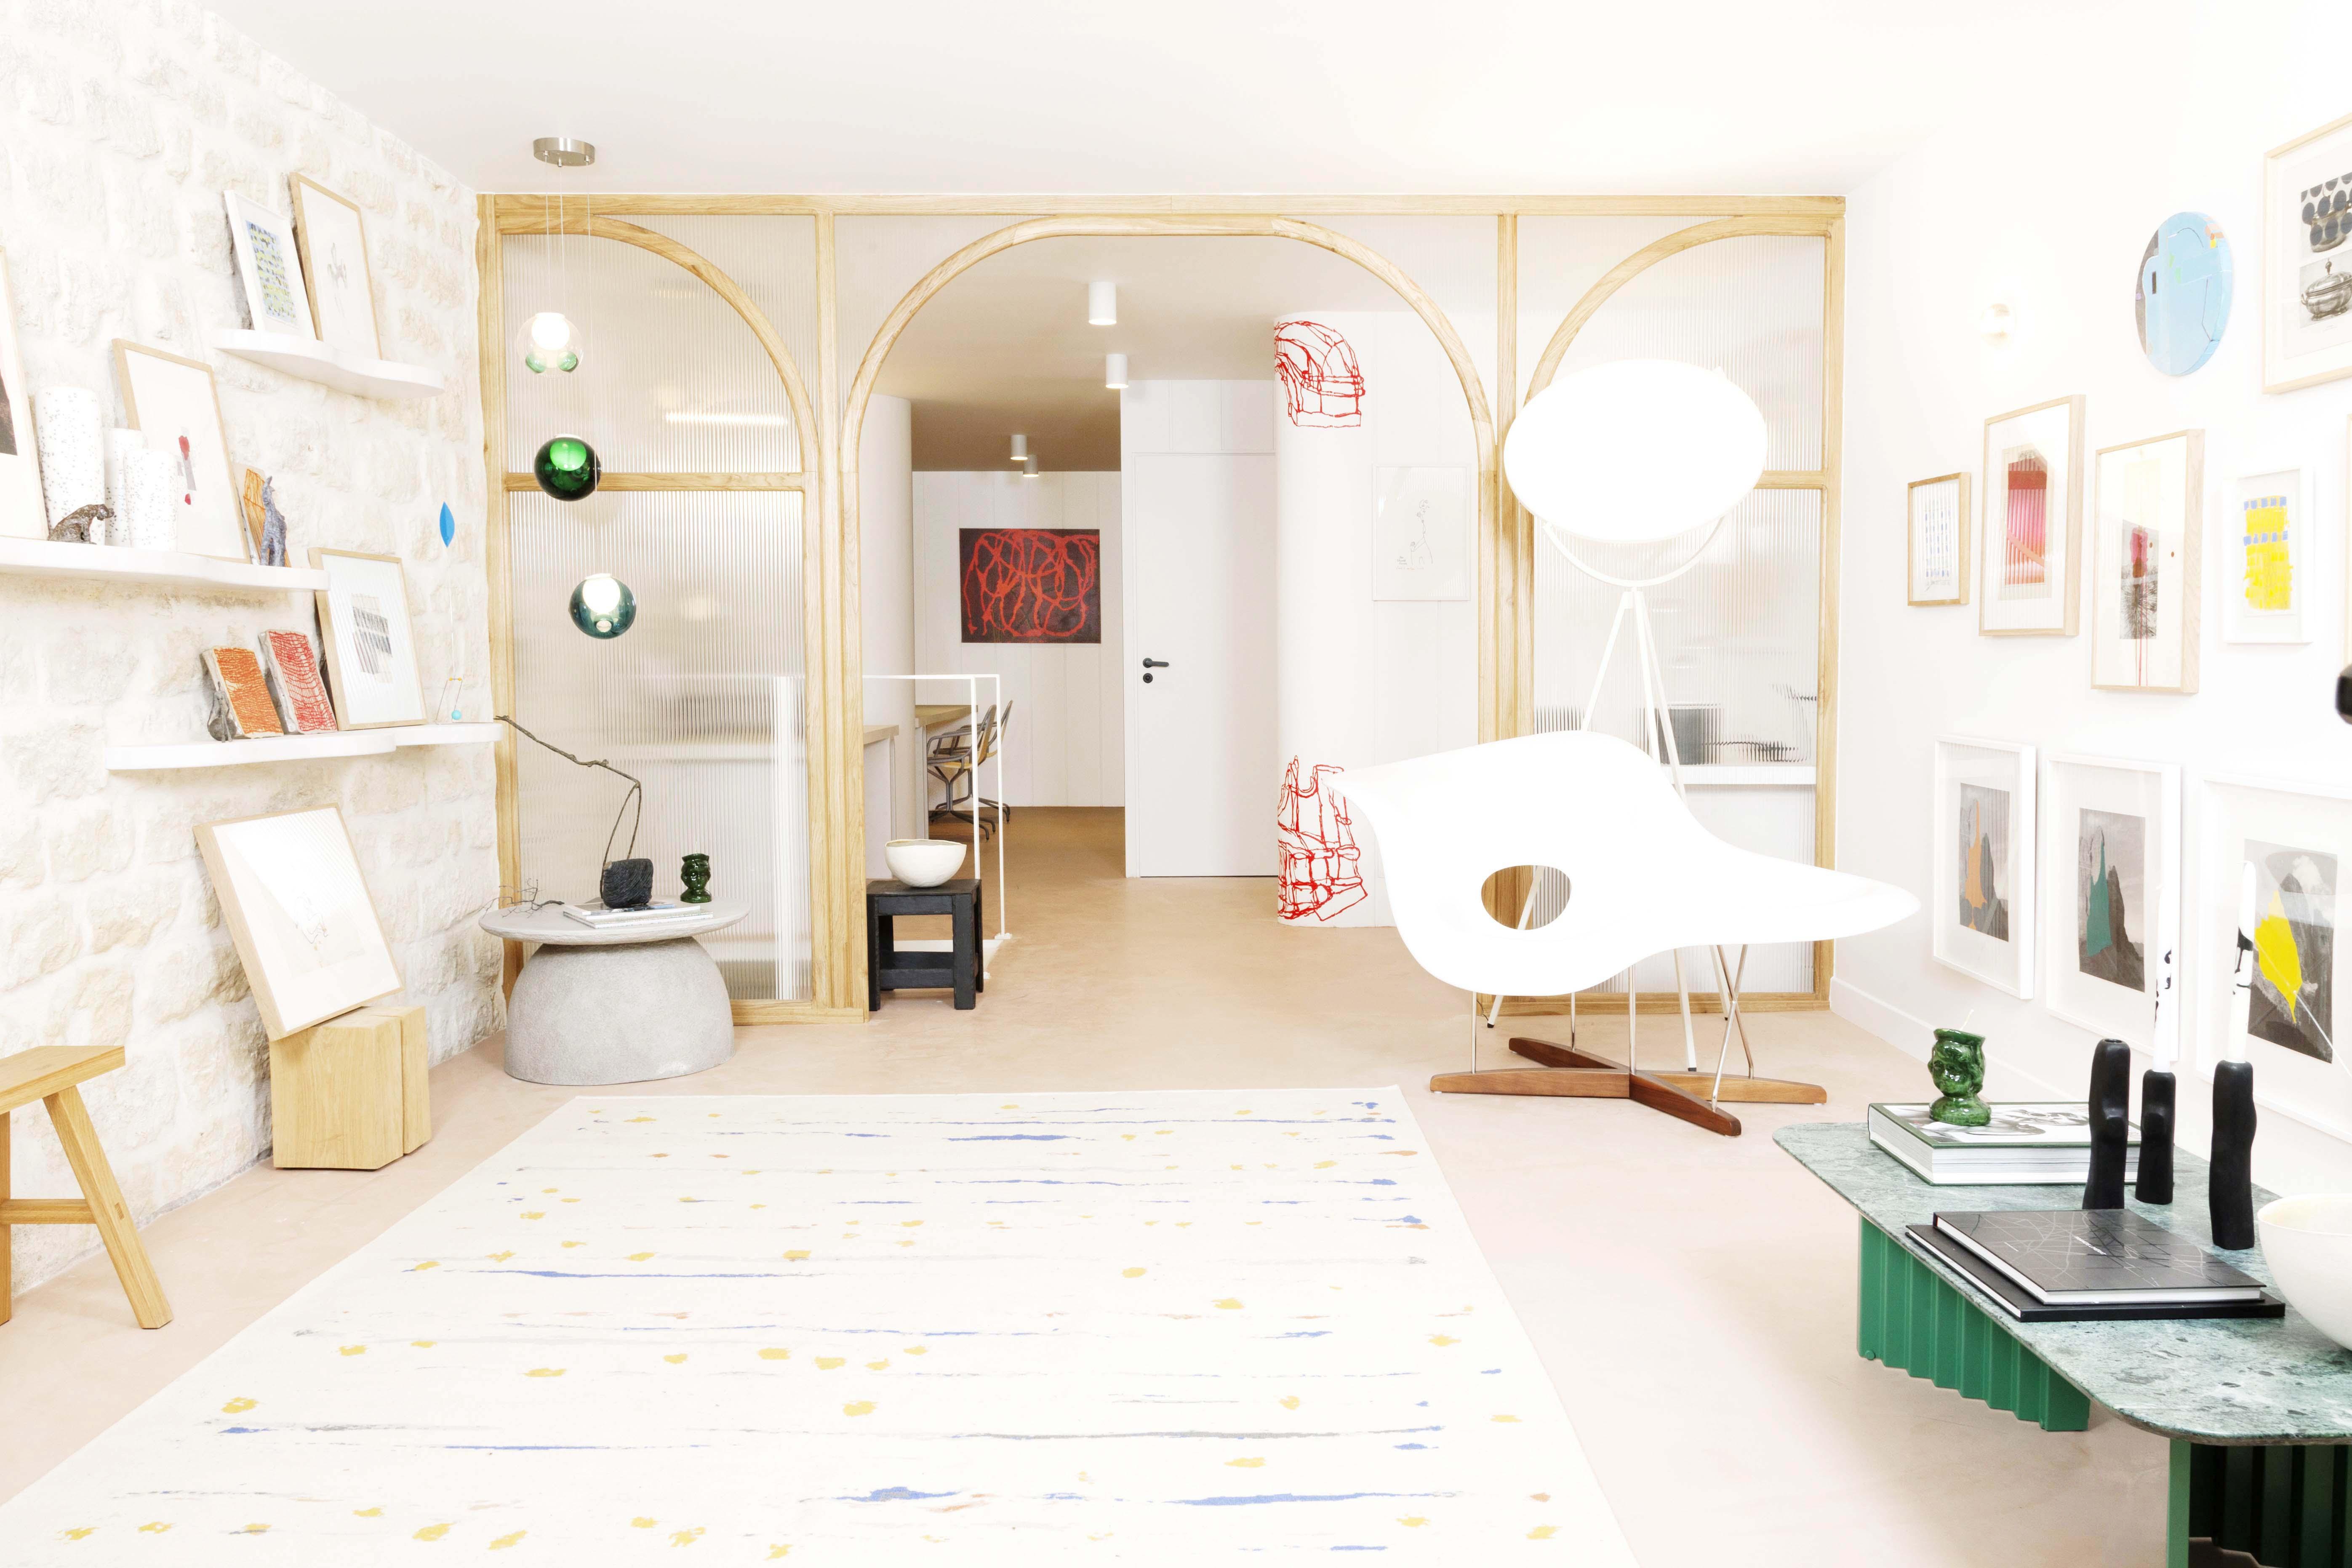 Présentation de la mini art room Amelie